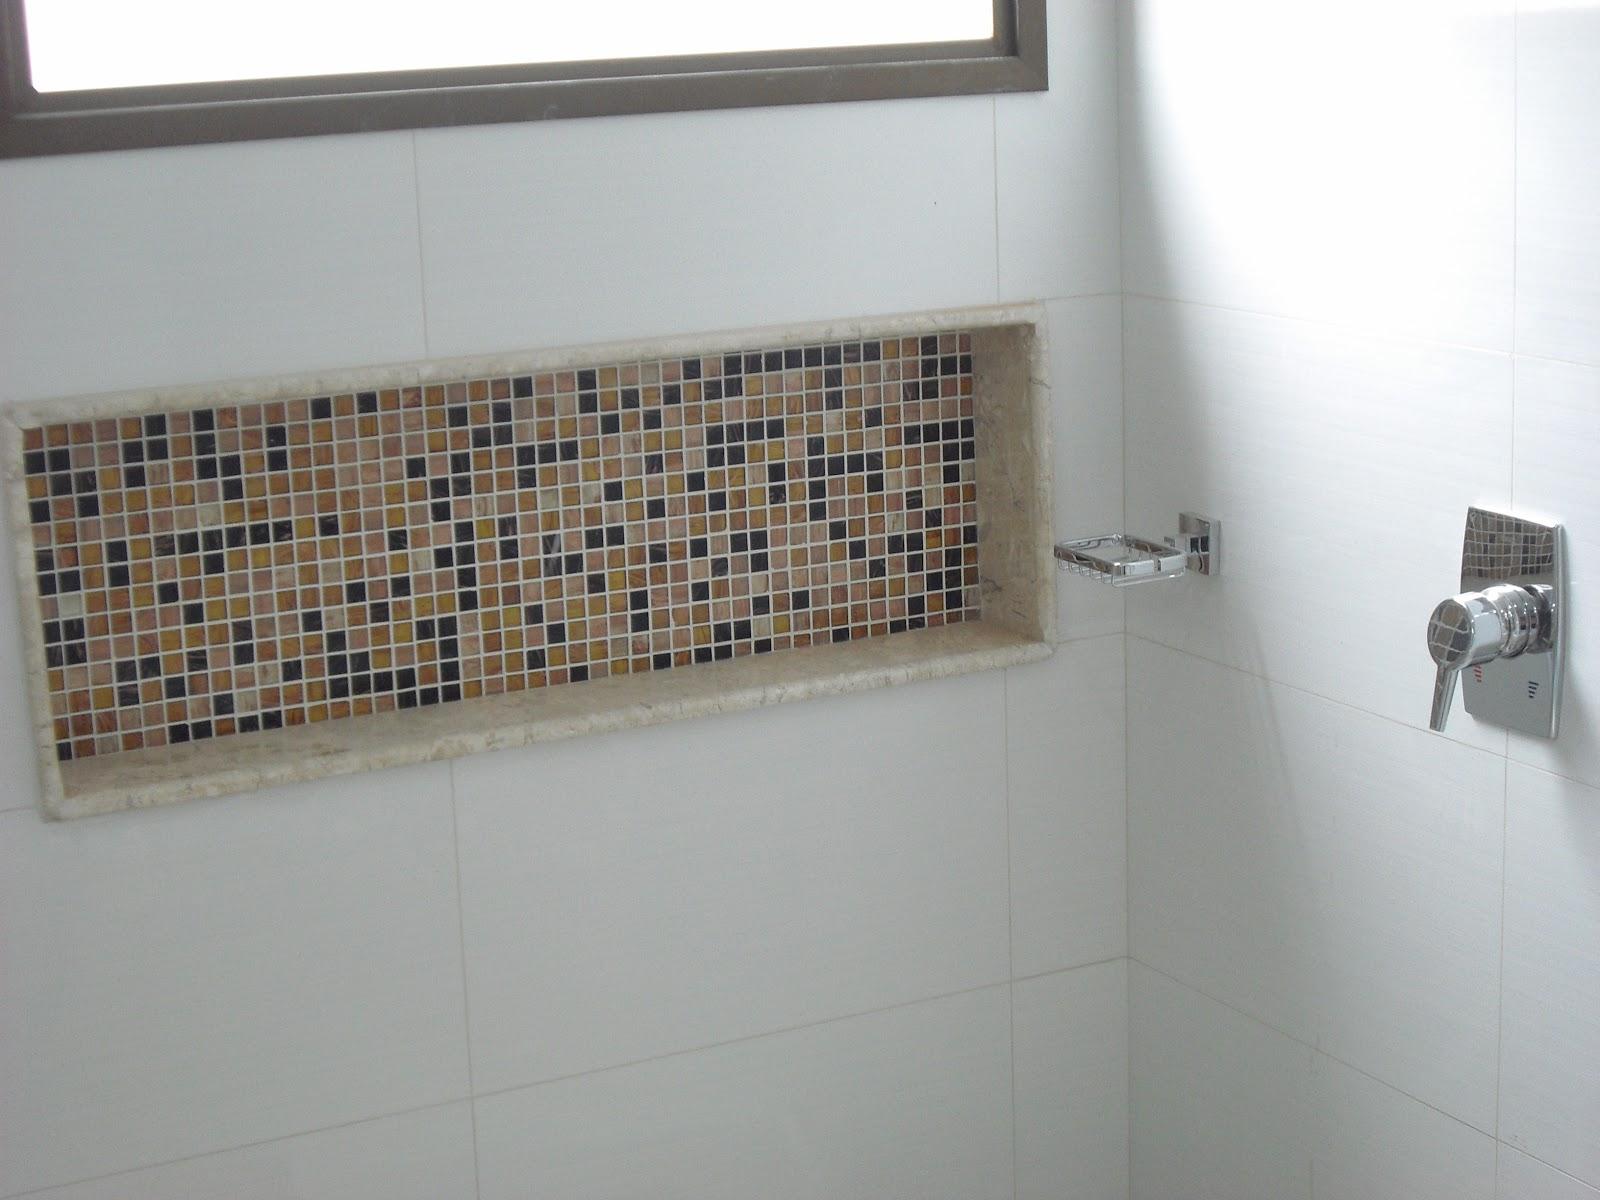 Móveis e Granitos (67) 3247 5366: Banheiro em Mármore Travertino #654D3B 1600x1200 Banheiro Com Granito Travertino